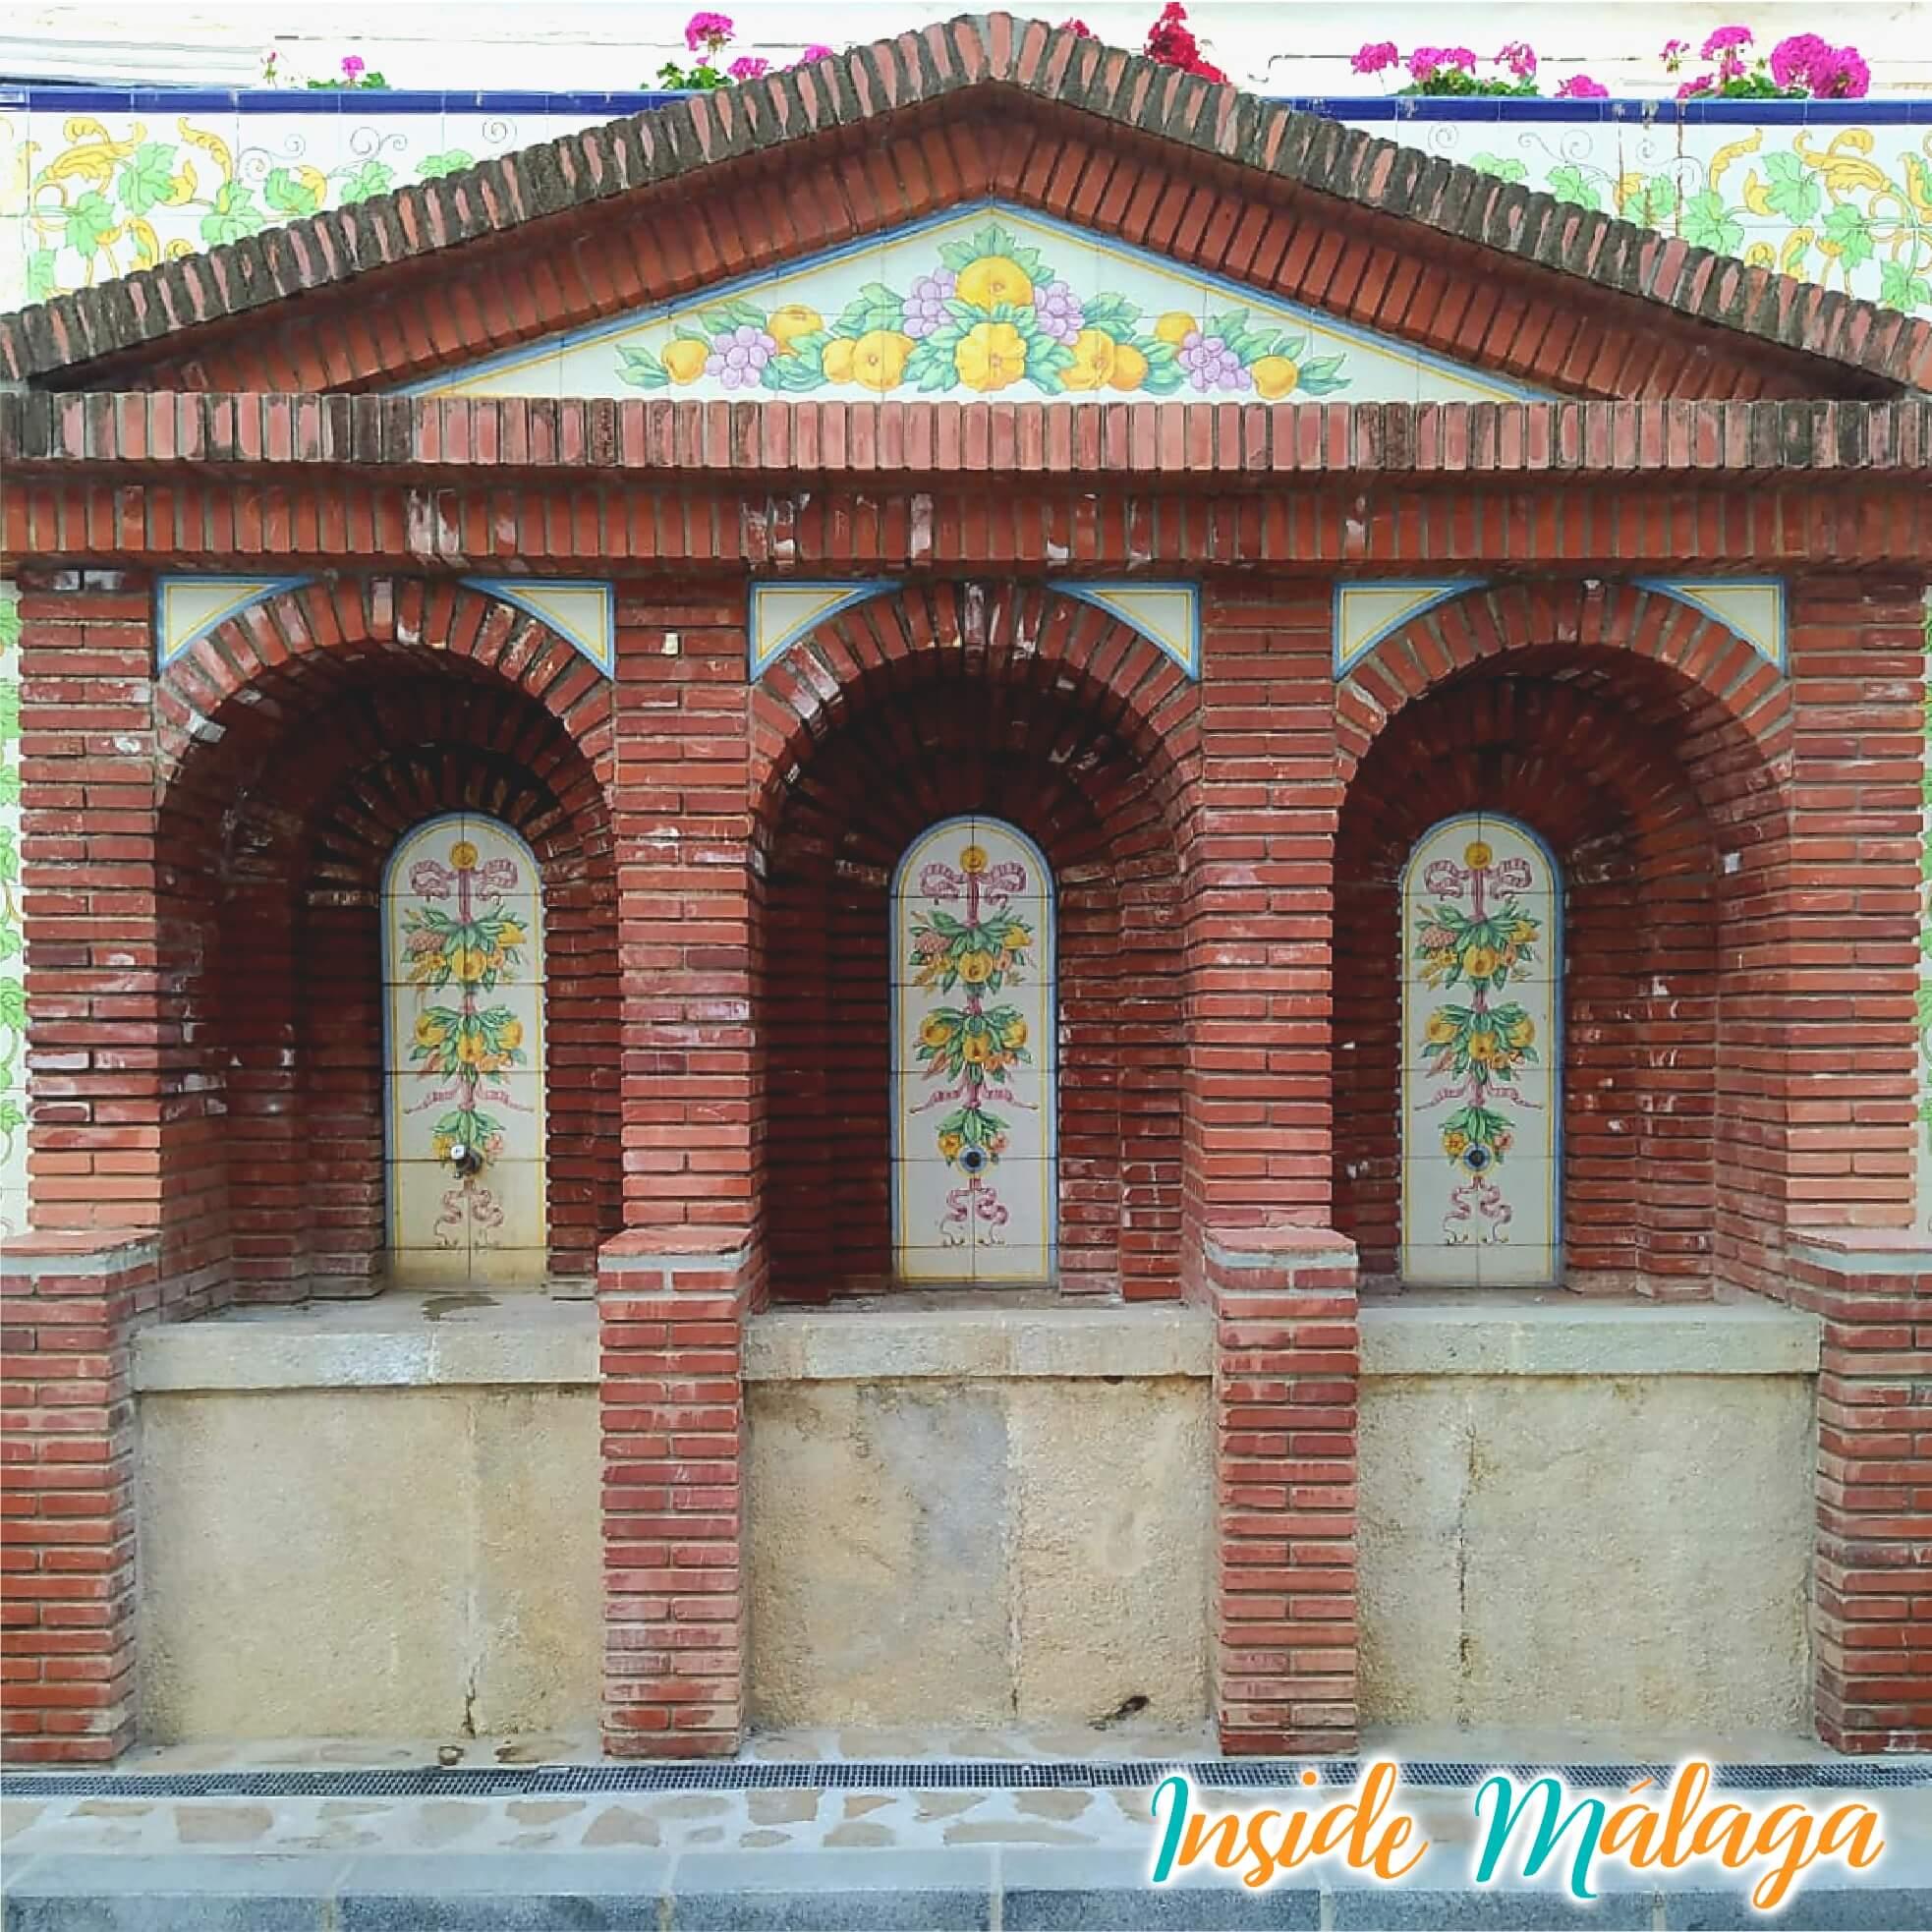 Fuente Algarrobo Pueblo Malaga